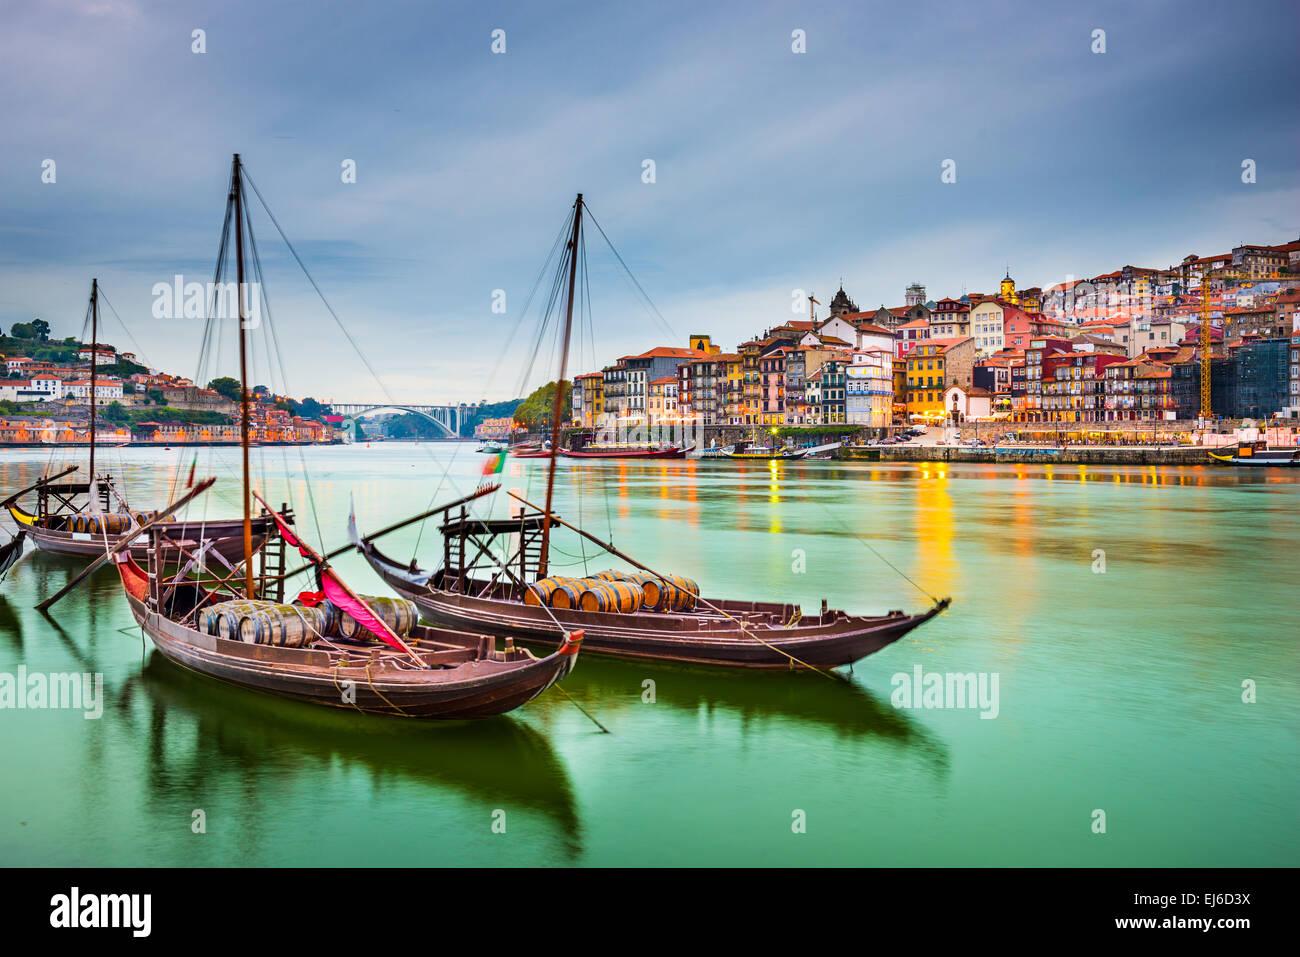 Porto, Portogallo città vecchia città sul fiume Douro con tradizionale Rabelo barche. Immagini Stock